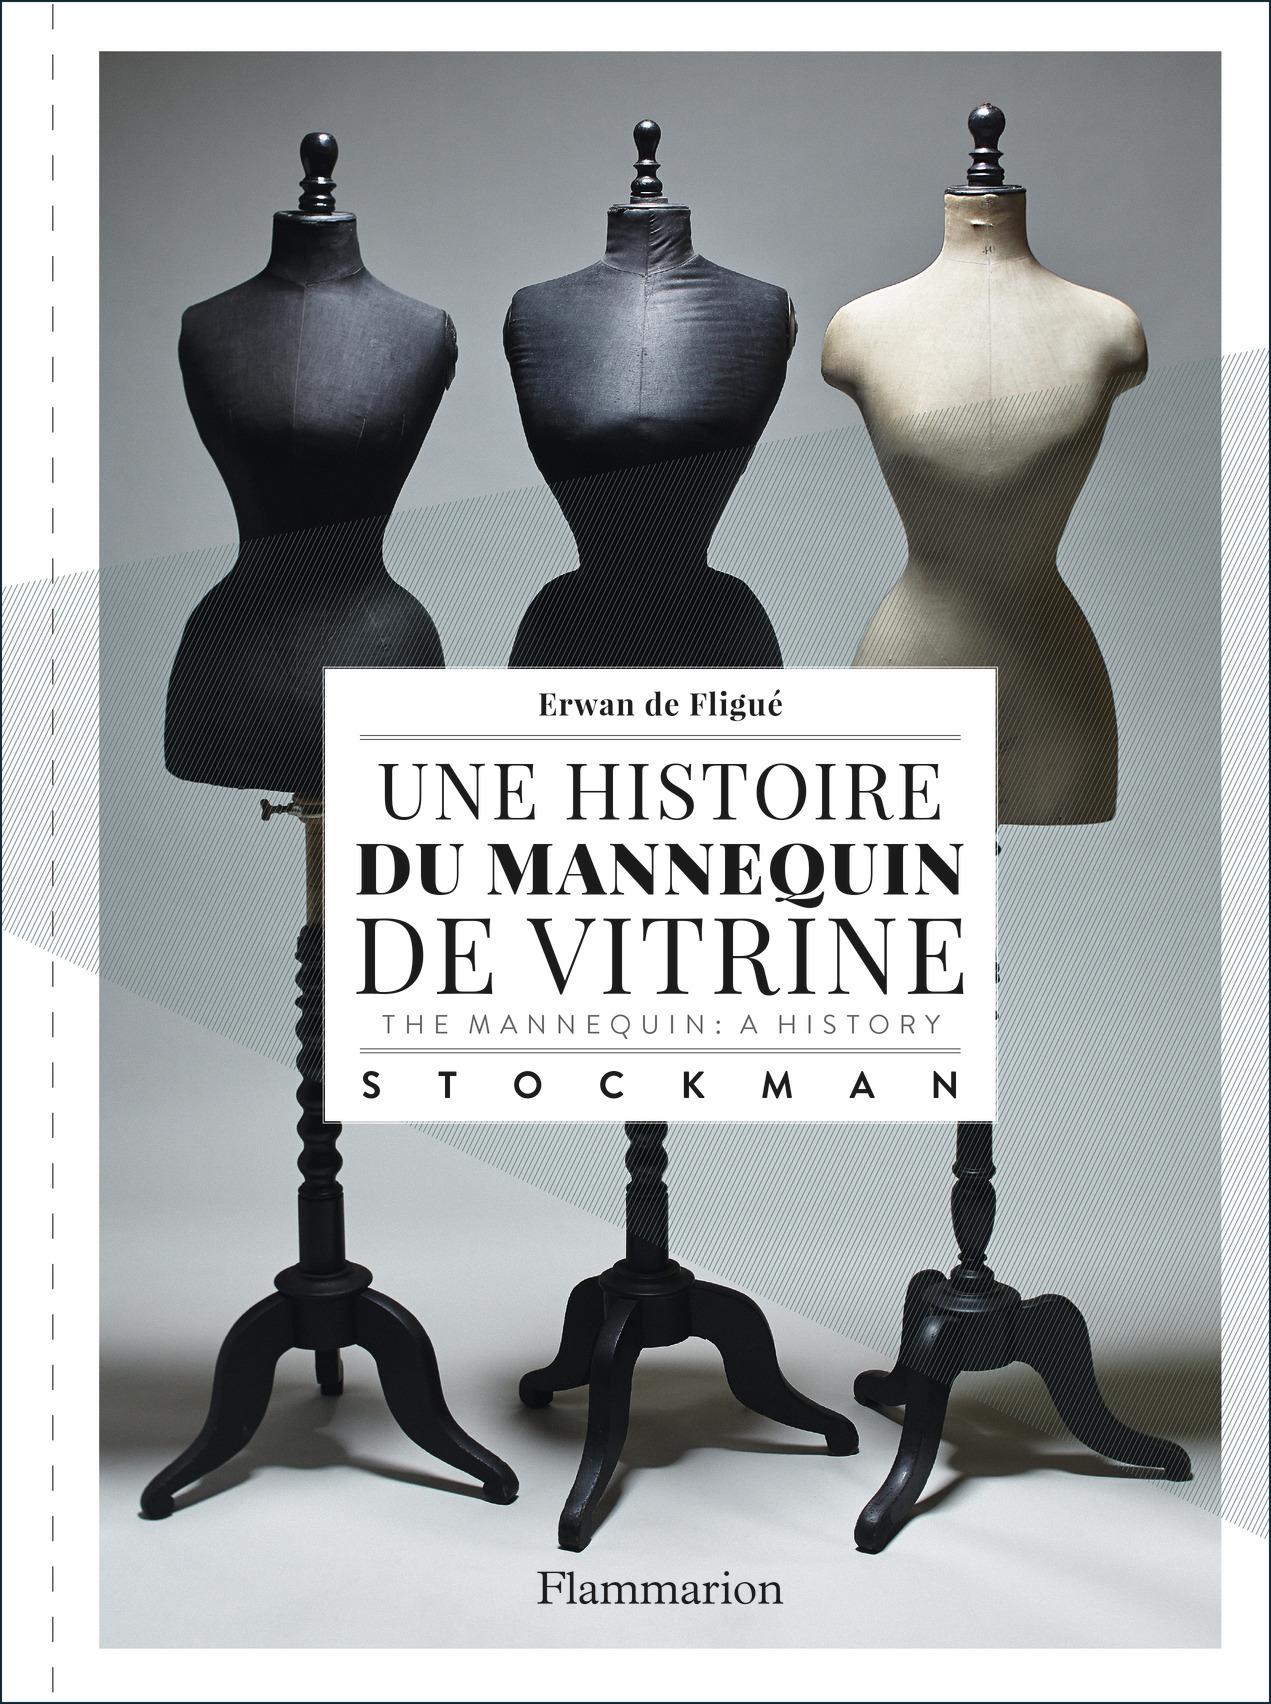 UNE HISTOIRE DU MANNEQUIN DE VITRINE / THE MANNEQUIN : A HISTORY - STOCKMAN